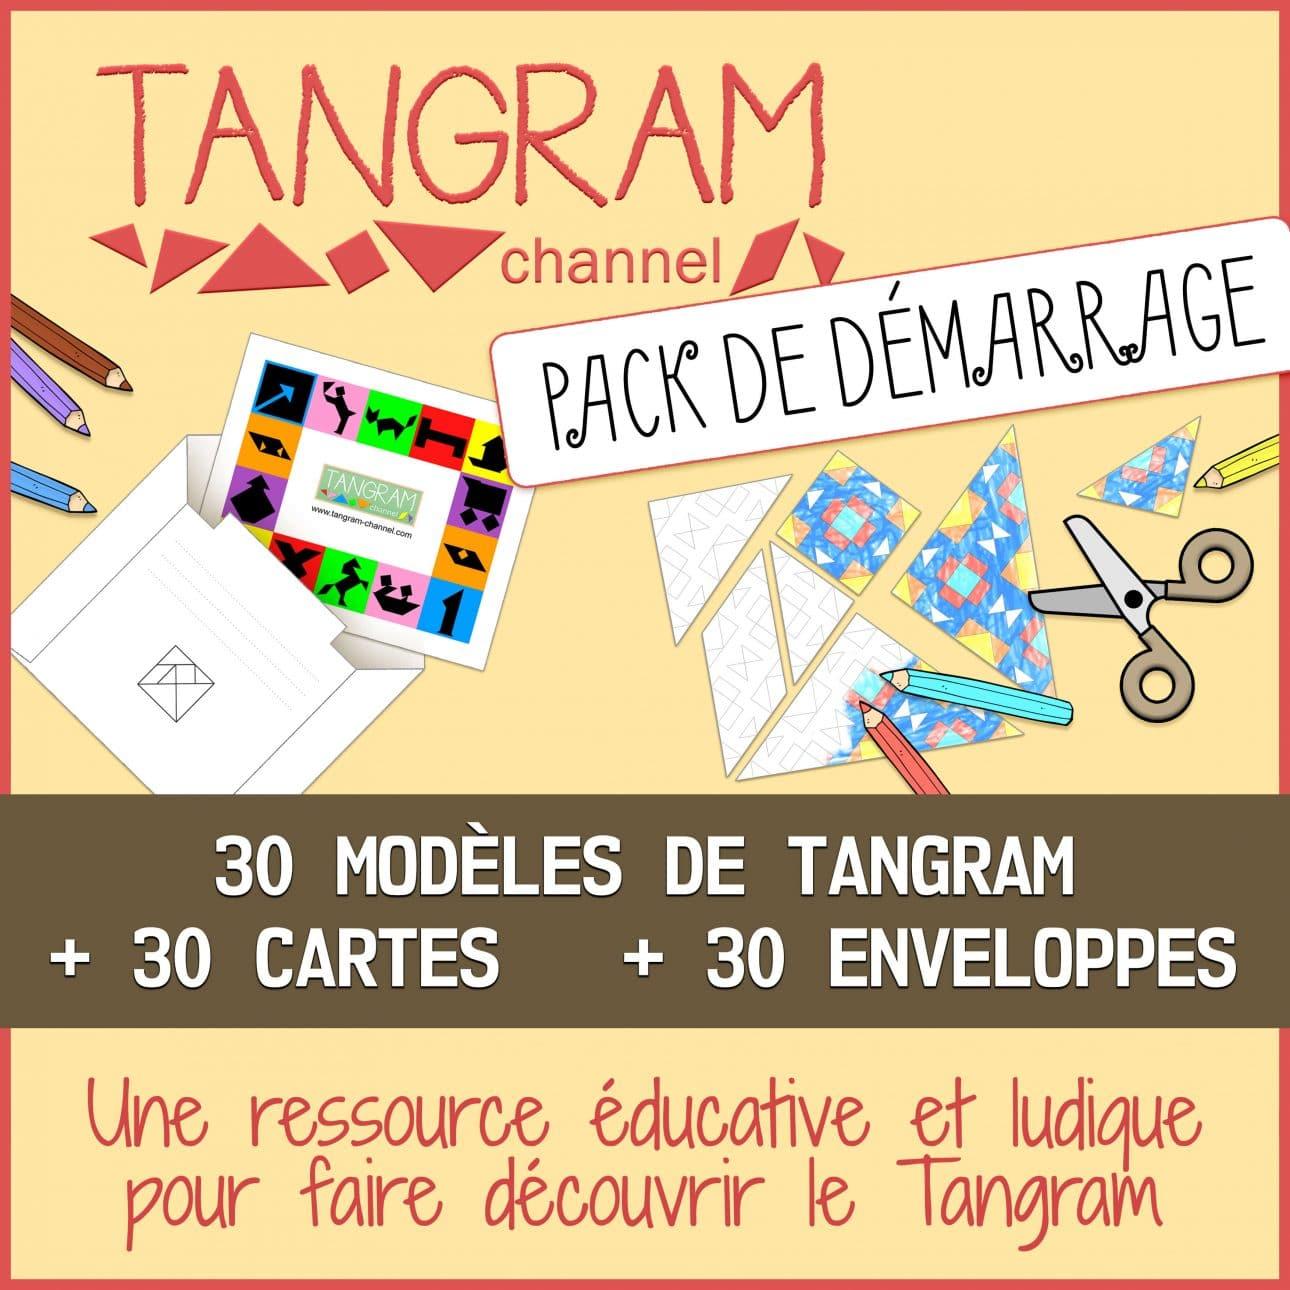 Tangram Channel - Pack De Demarrage concernant Tangram Modèles Et Solutions